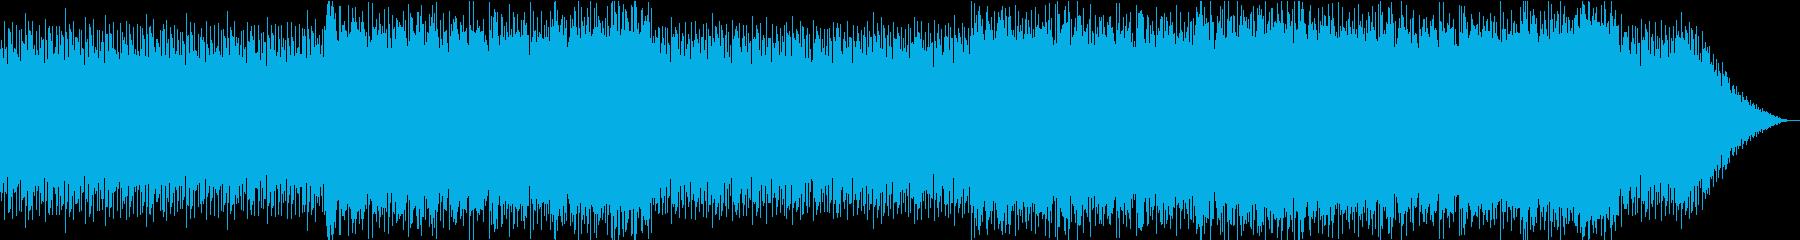 激しさを感じるオーケストラの再生済みの波形